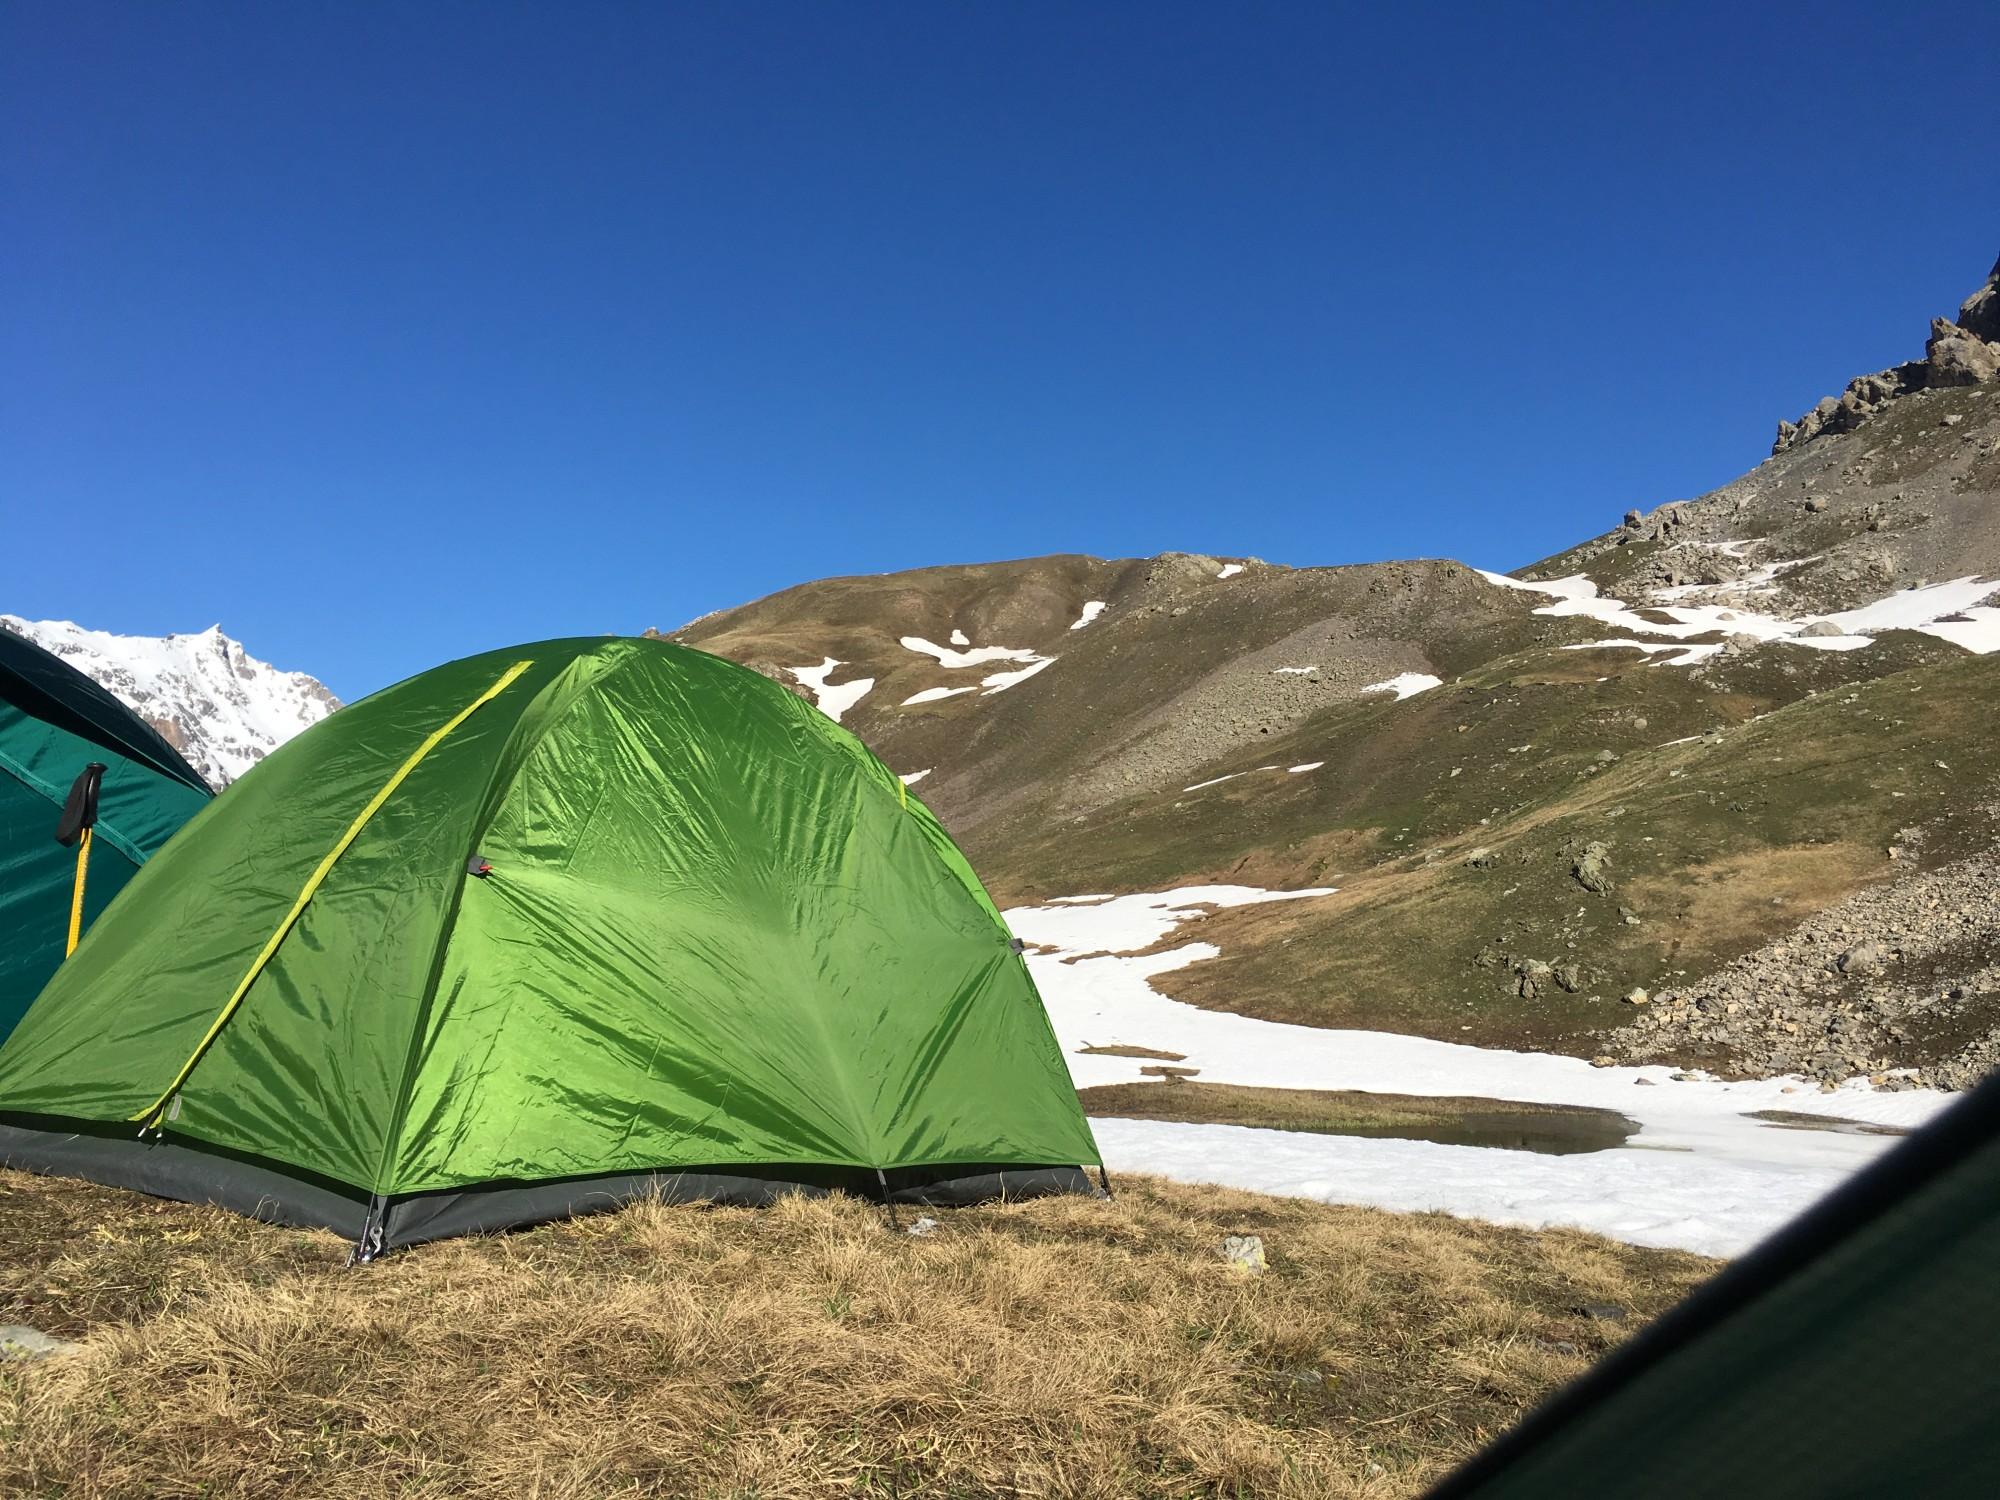 mbo4leisuresport-tent-bergen-artikel-anderhalve-meter-onderwijs